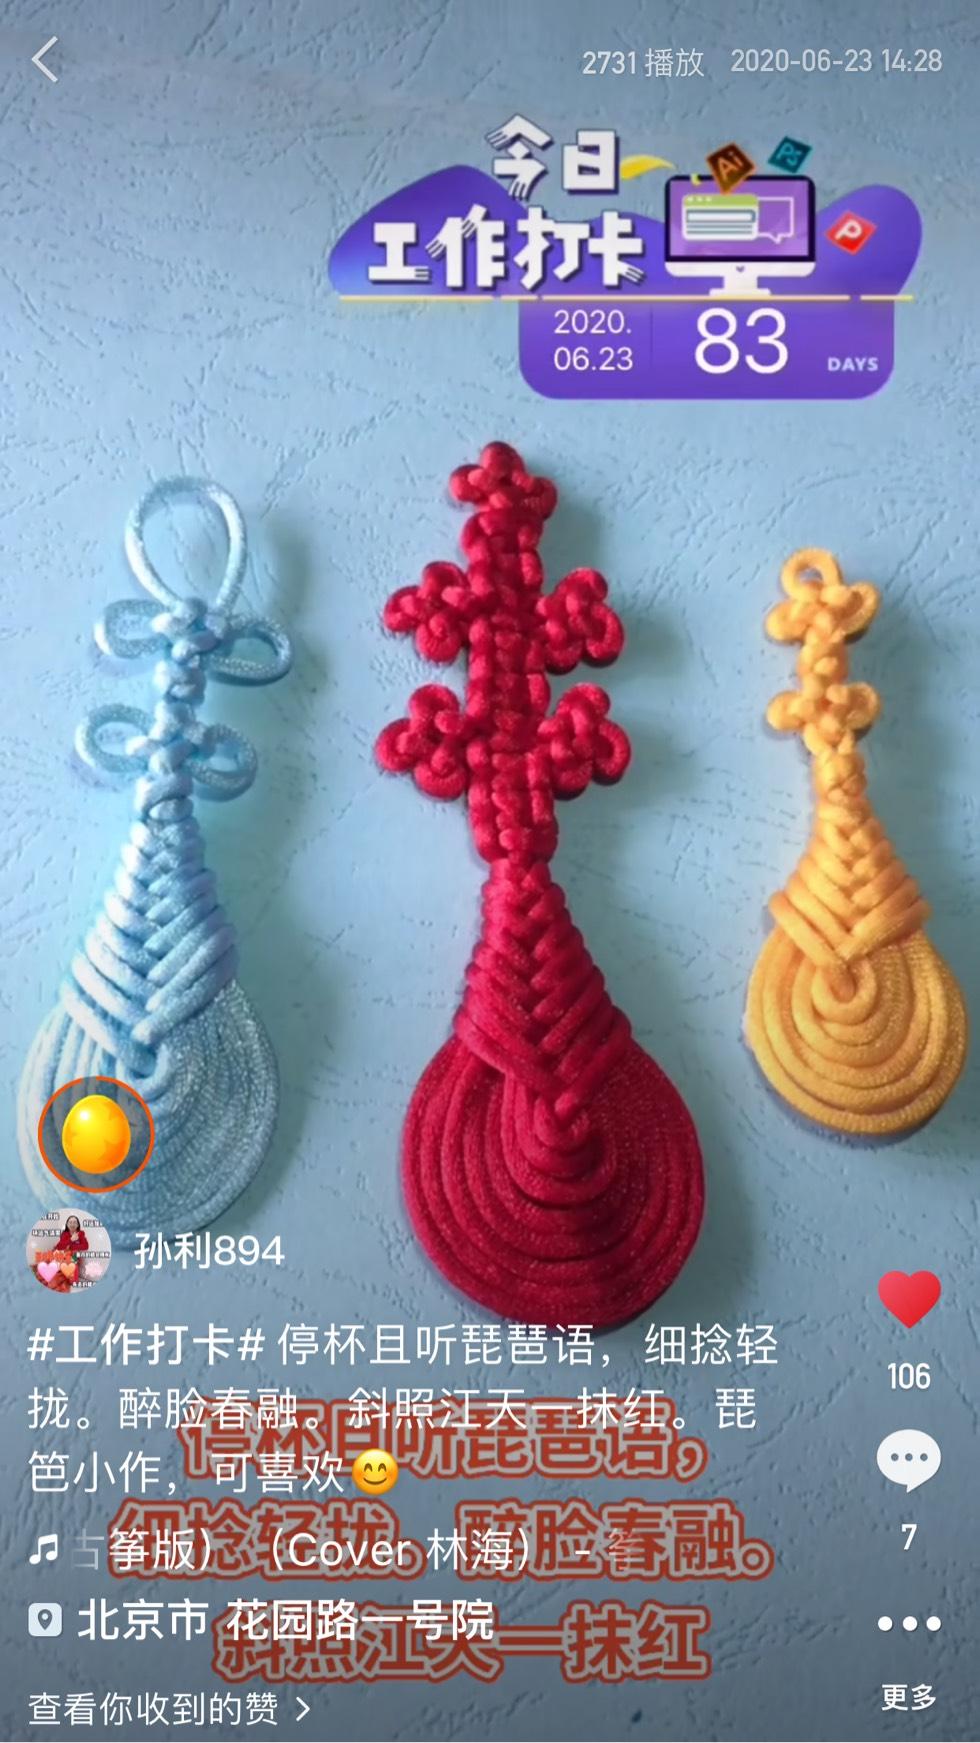 中国结论坛 七月一日,近期作品分享 七月一日,分享,作品,月一,七月 作品展示 213322cgsqnbeqeexqbxbs